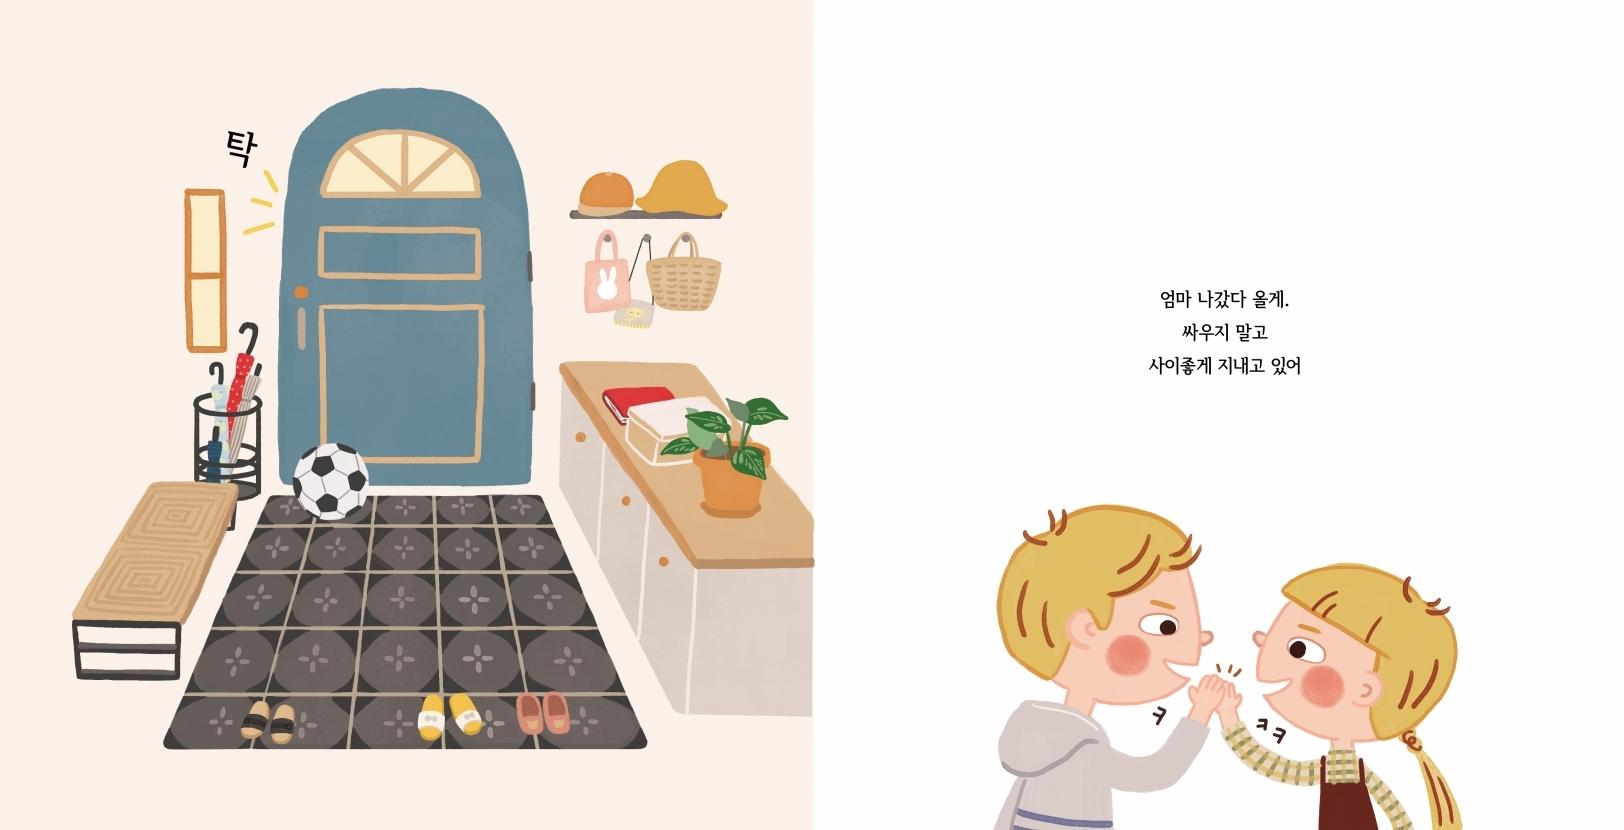 그래그래갖다버리자_홍유경(수정후).pdf_page_03.jpg